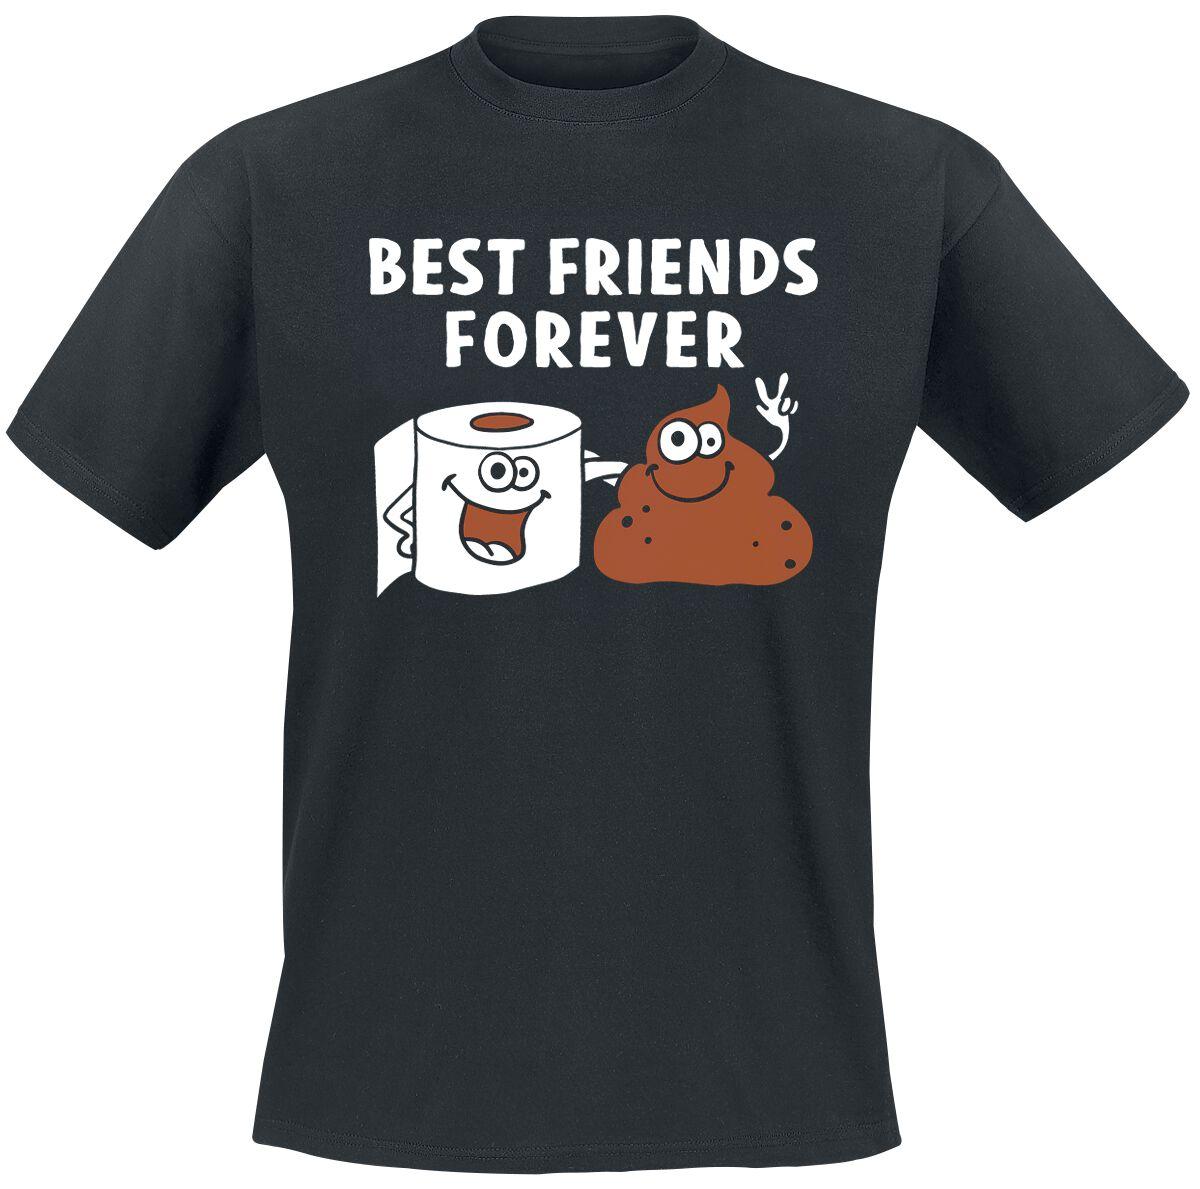 Fun Shirts - Koszulki - T-Shirt Best Friends Forever T-Shirt czarny - 368296